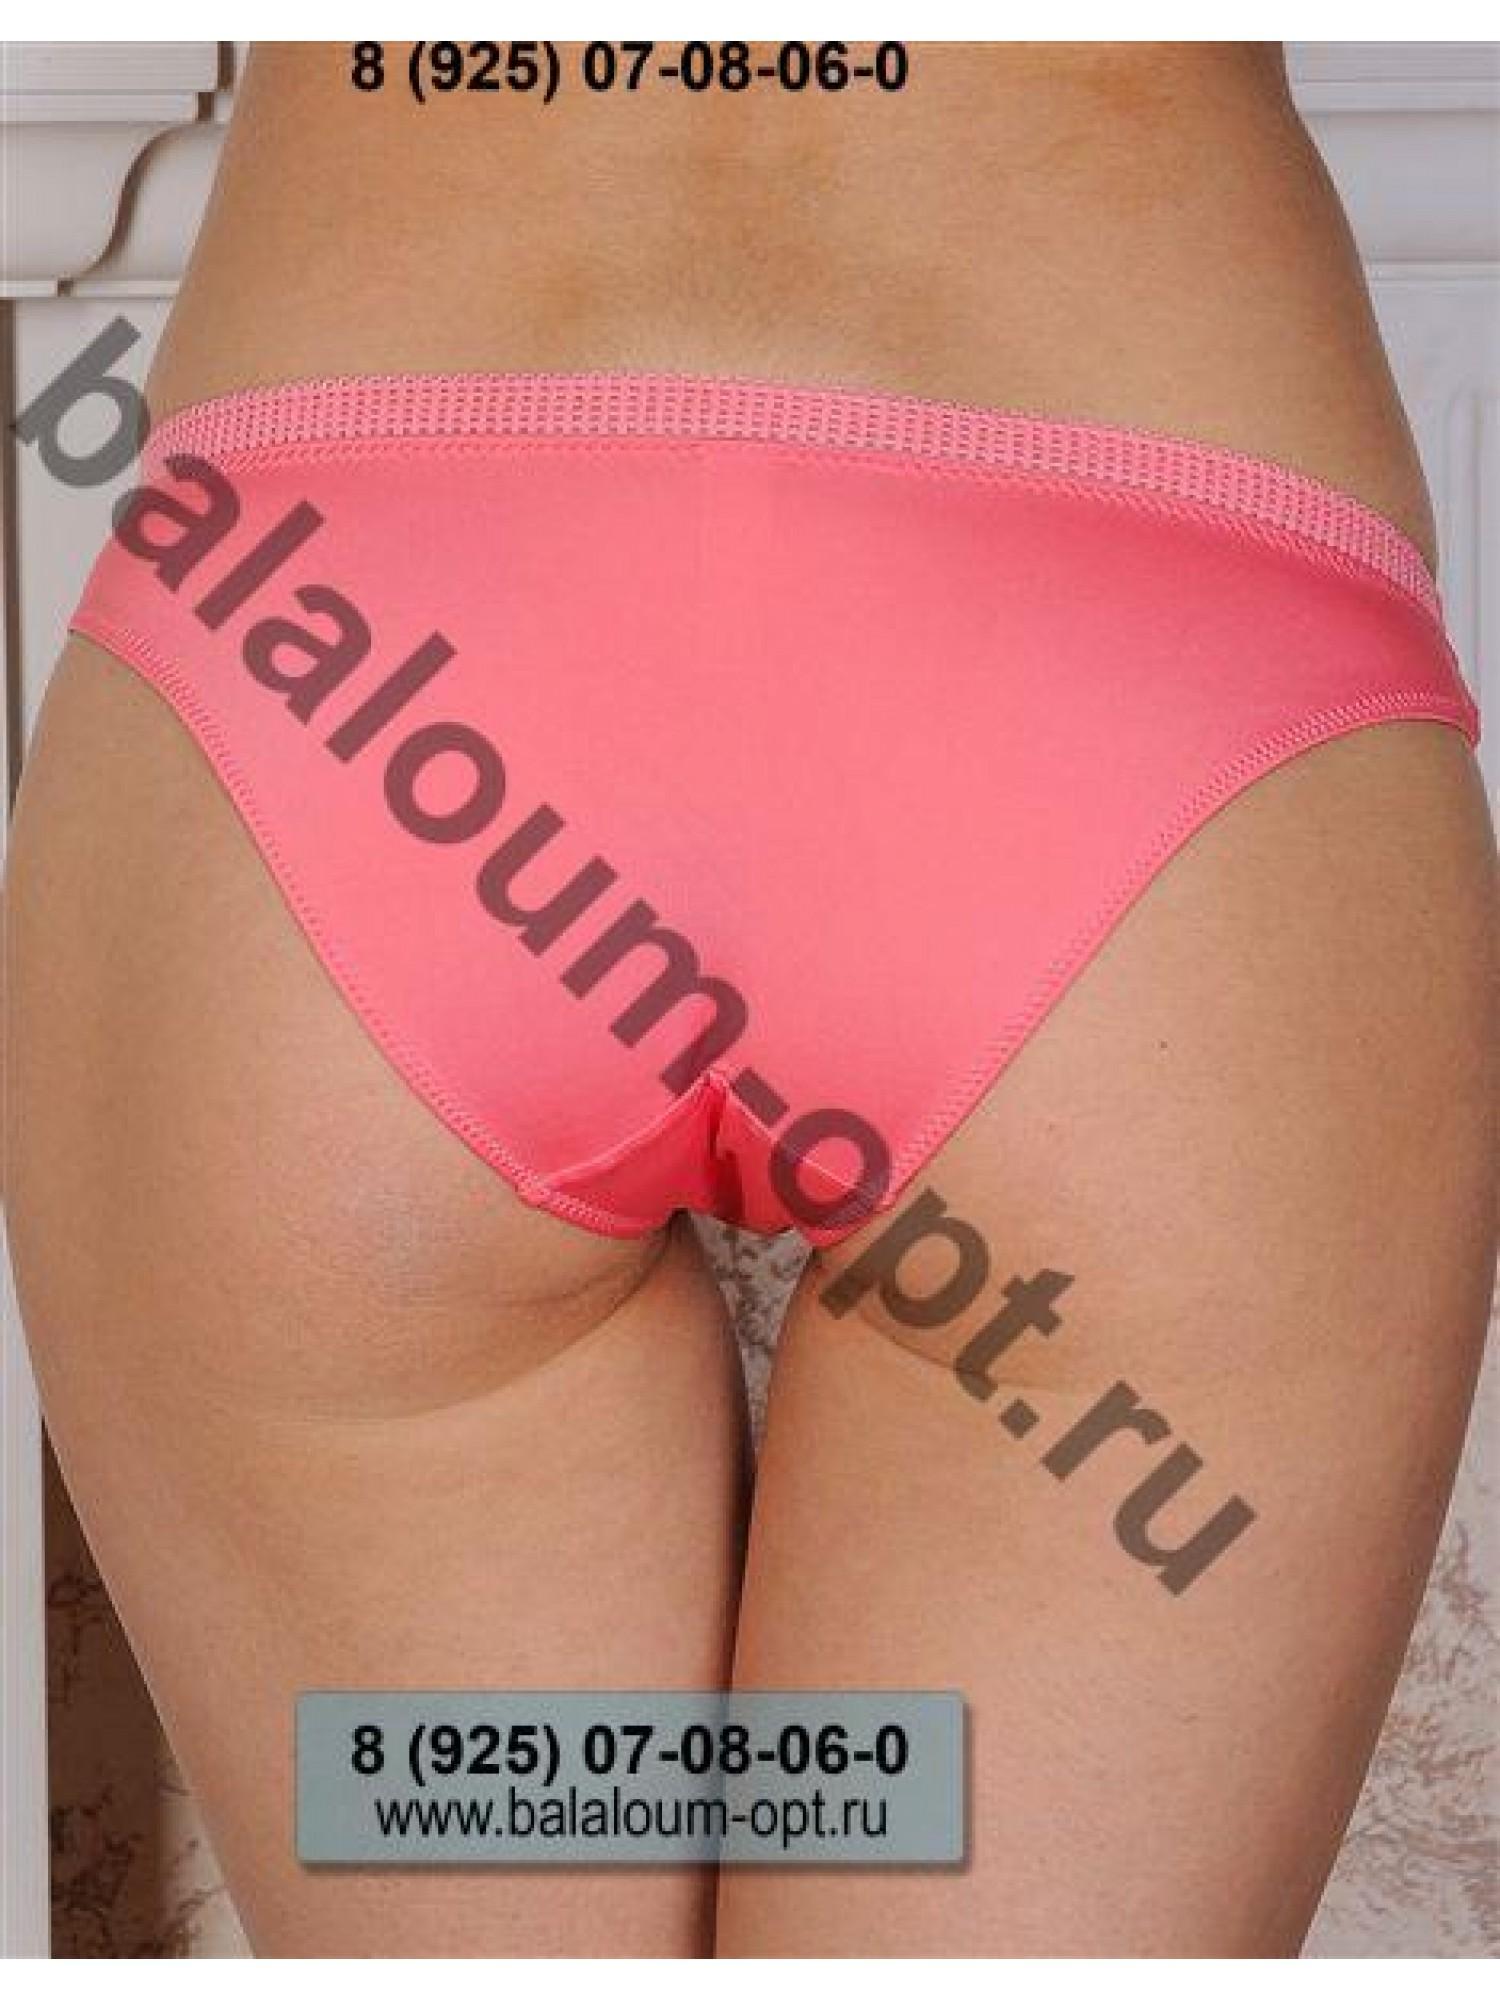 Трусы Balaloum Р9061 Коралловый